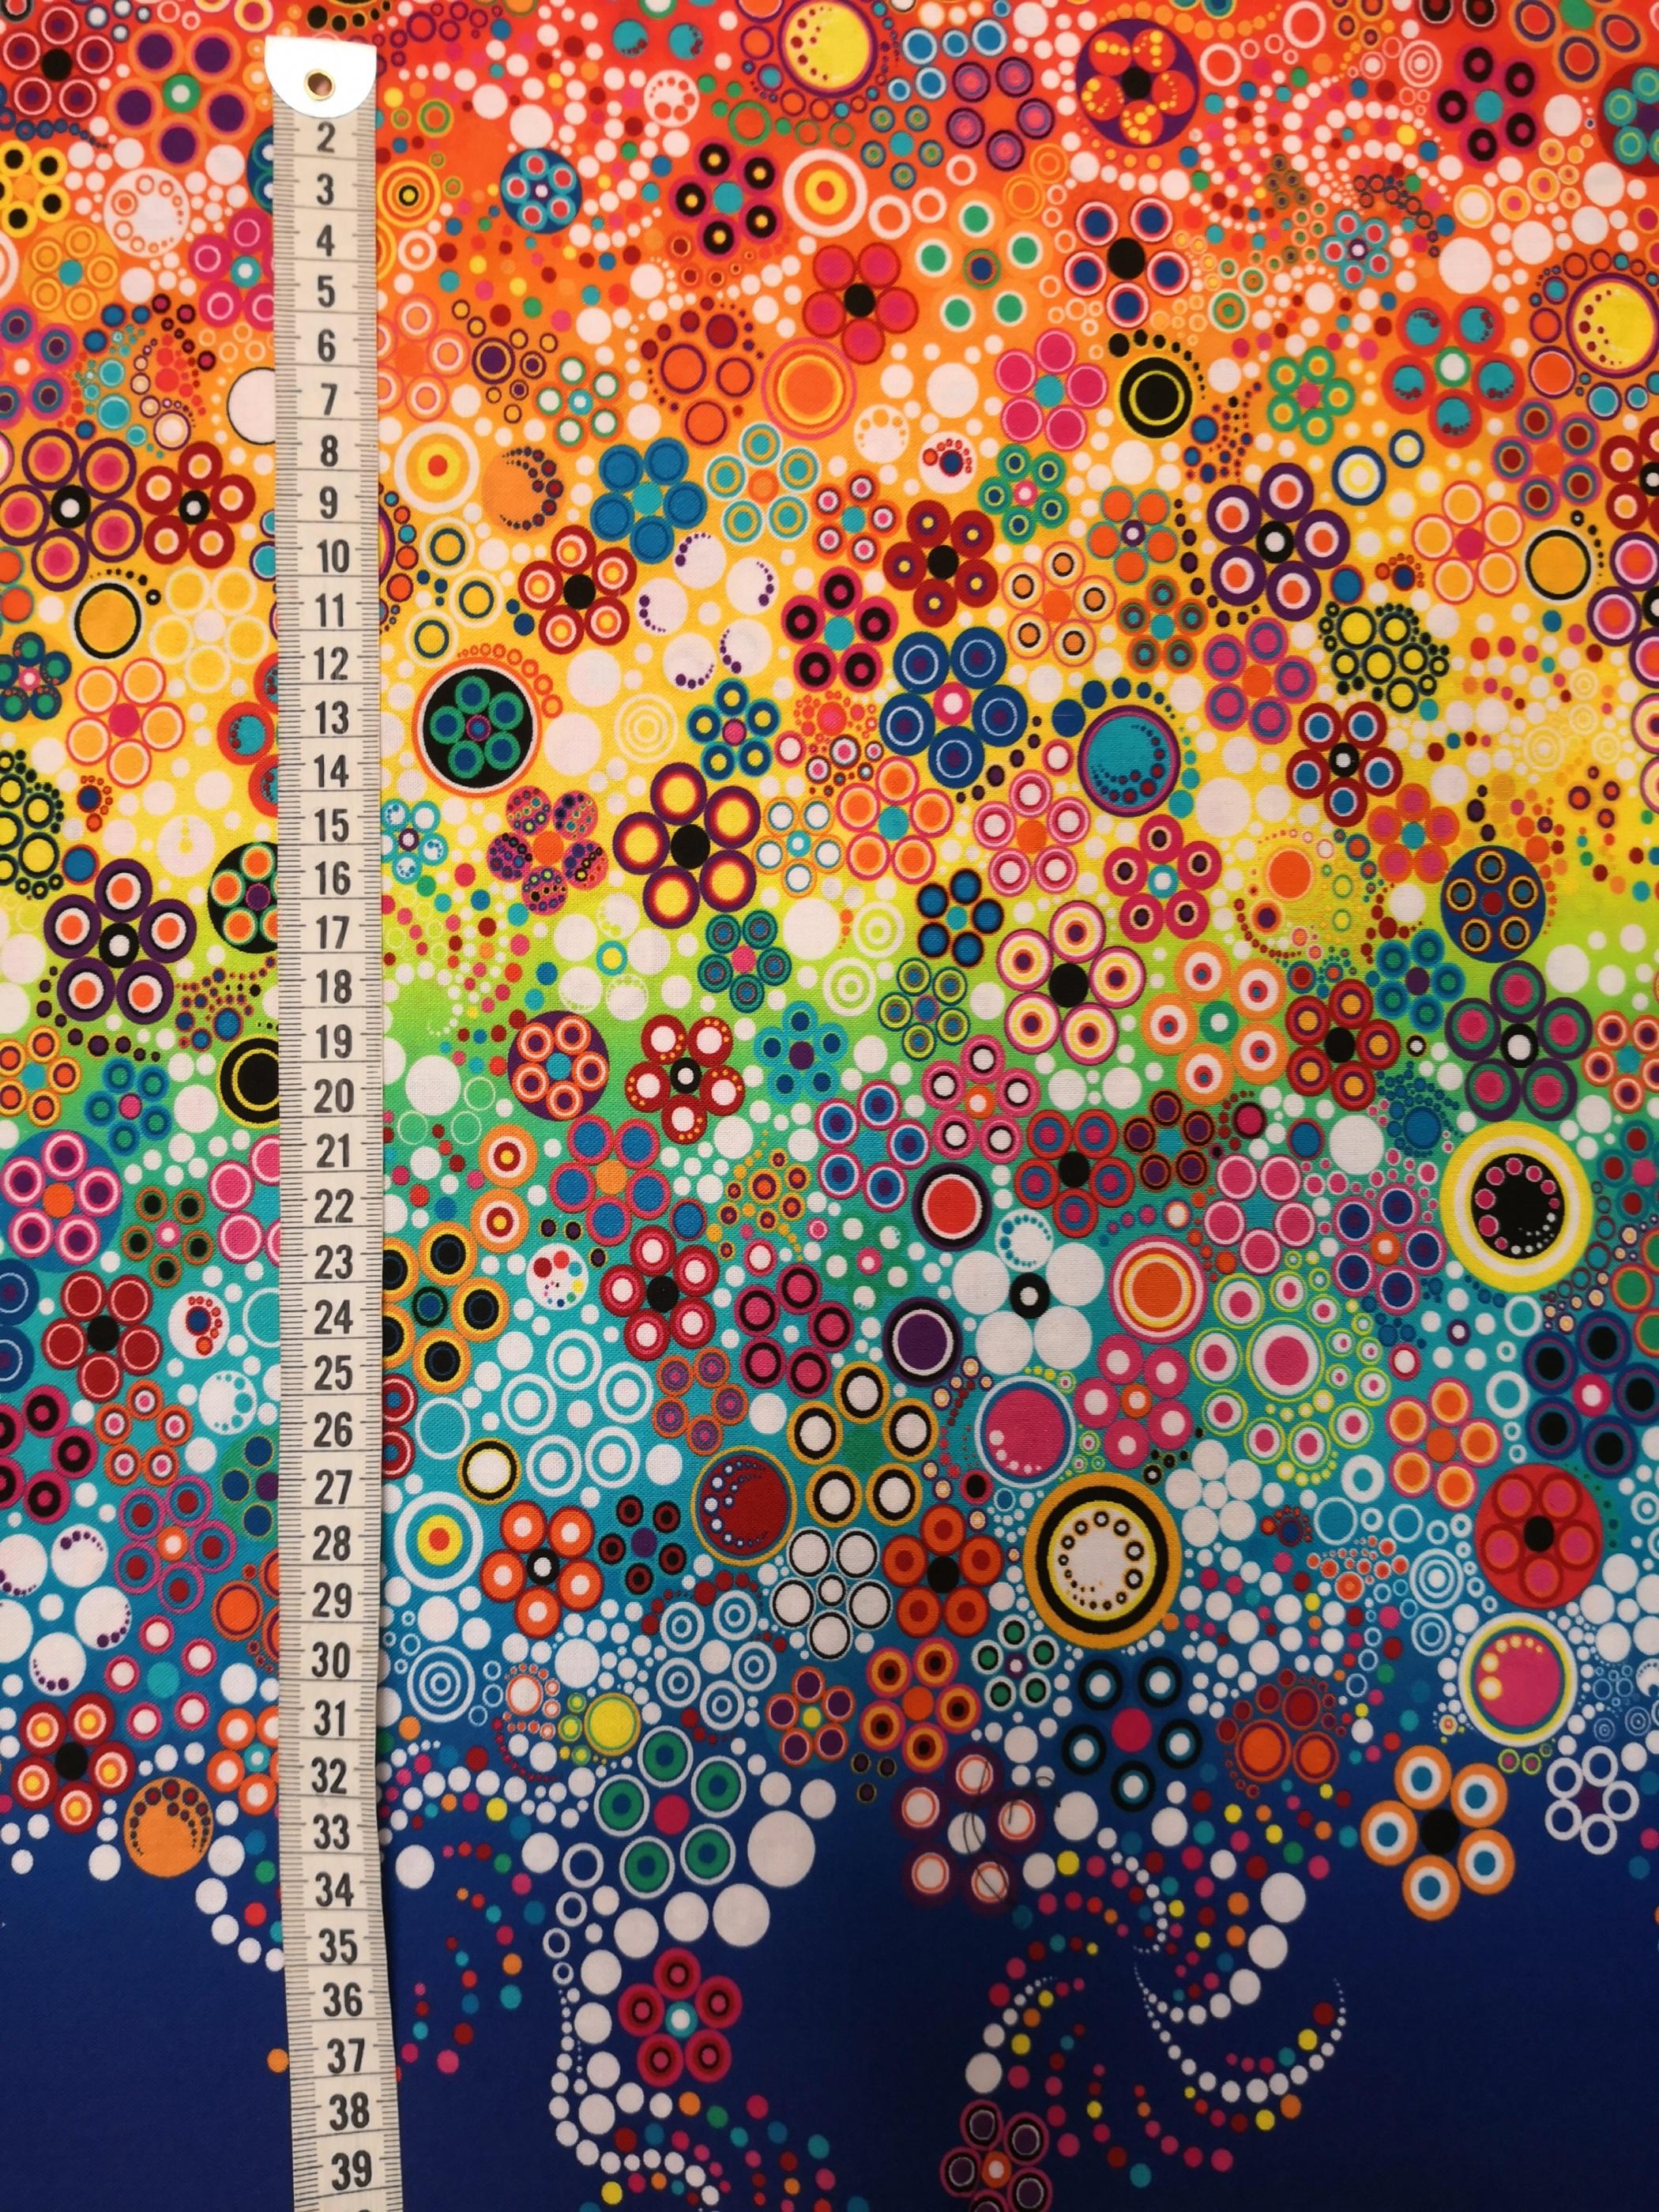 cirklar på marin botten, tyg, metervara, tyglust, cirkel, färger